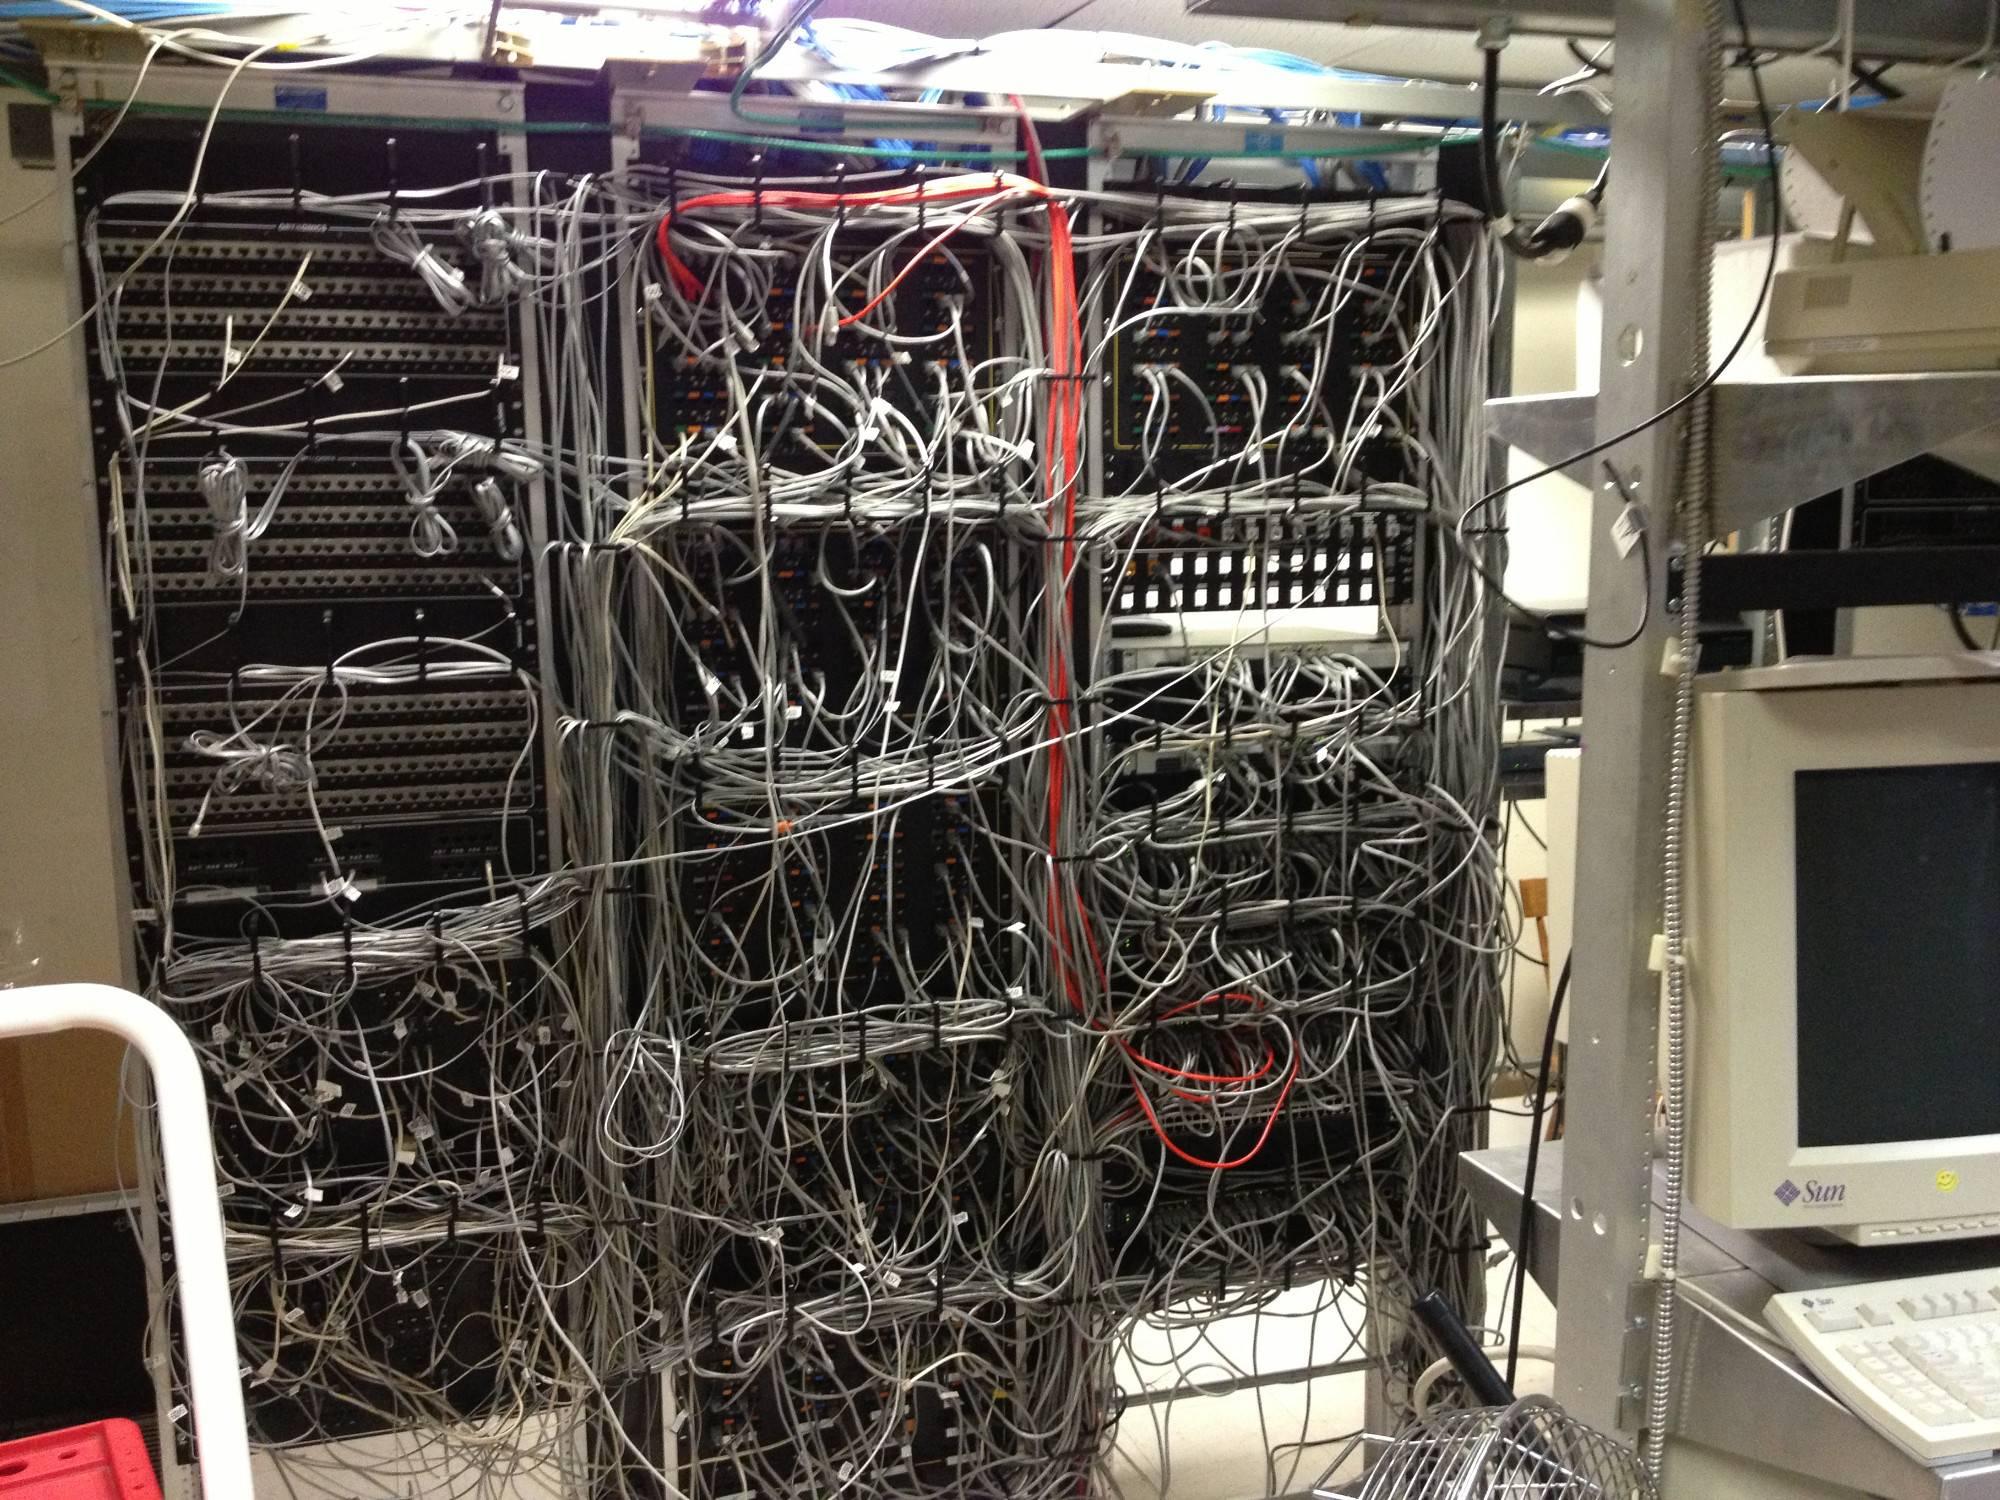 кабель менеджмент несколько советов из собственного опыта блог компании king servers хабрахабр